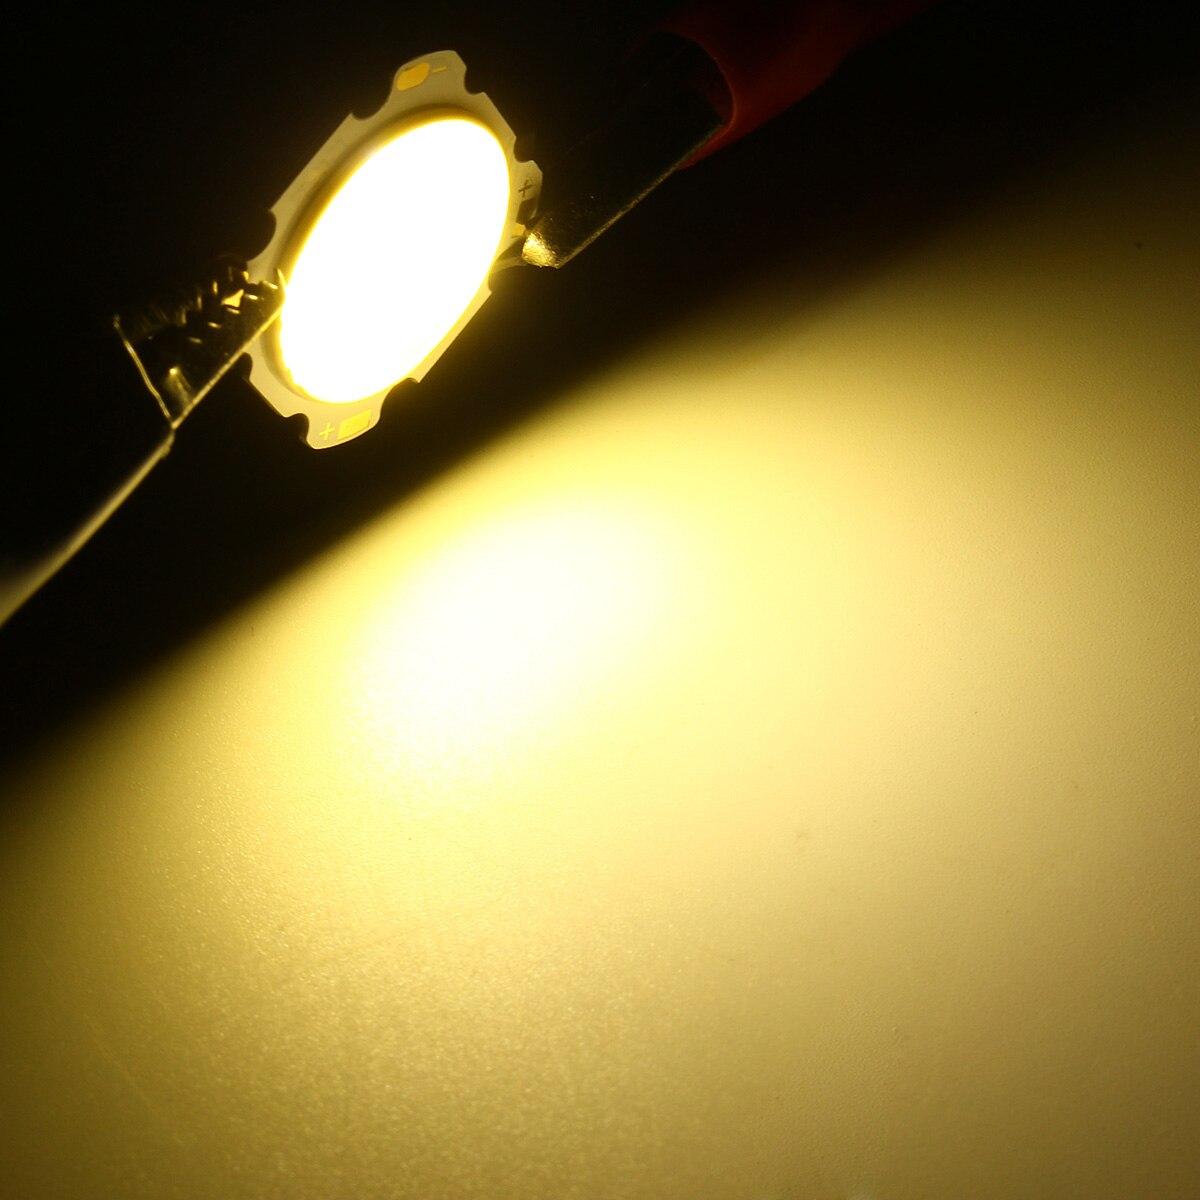 3W High Power DIY LED COB Light Beads LED lamp Bead LED Bulb Chip Spot Light Downlight Diode Lamps DC9-12V